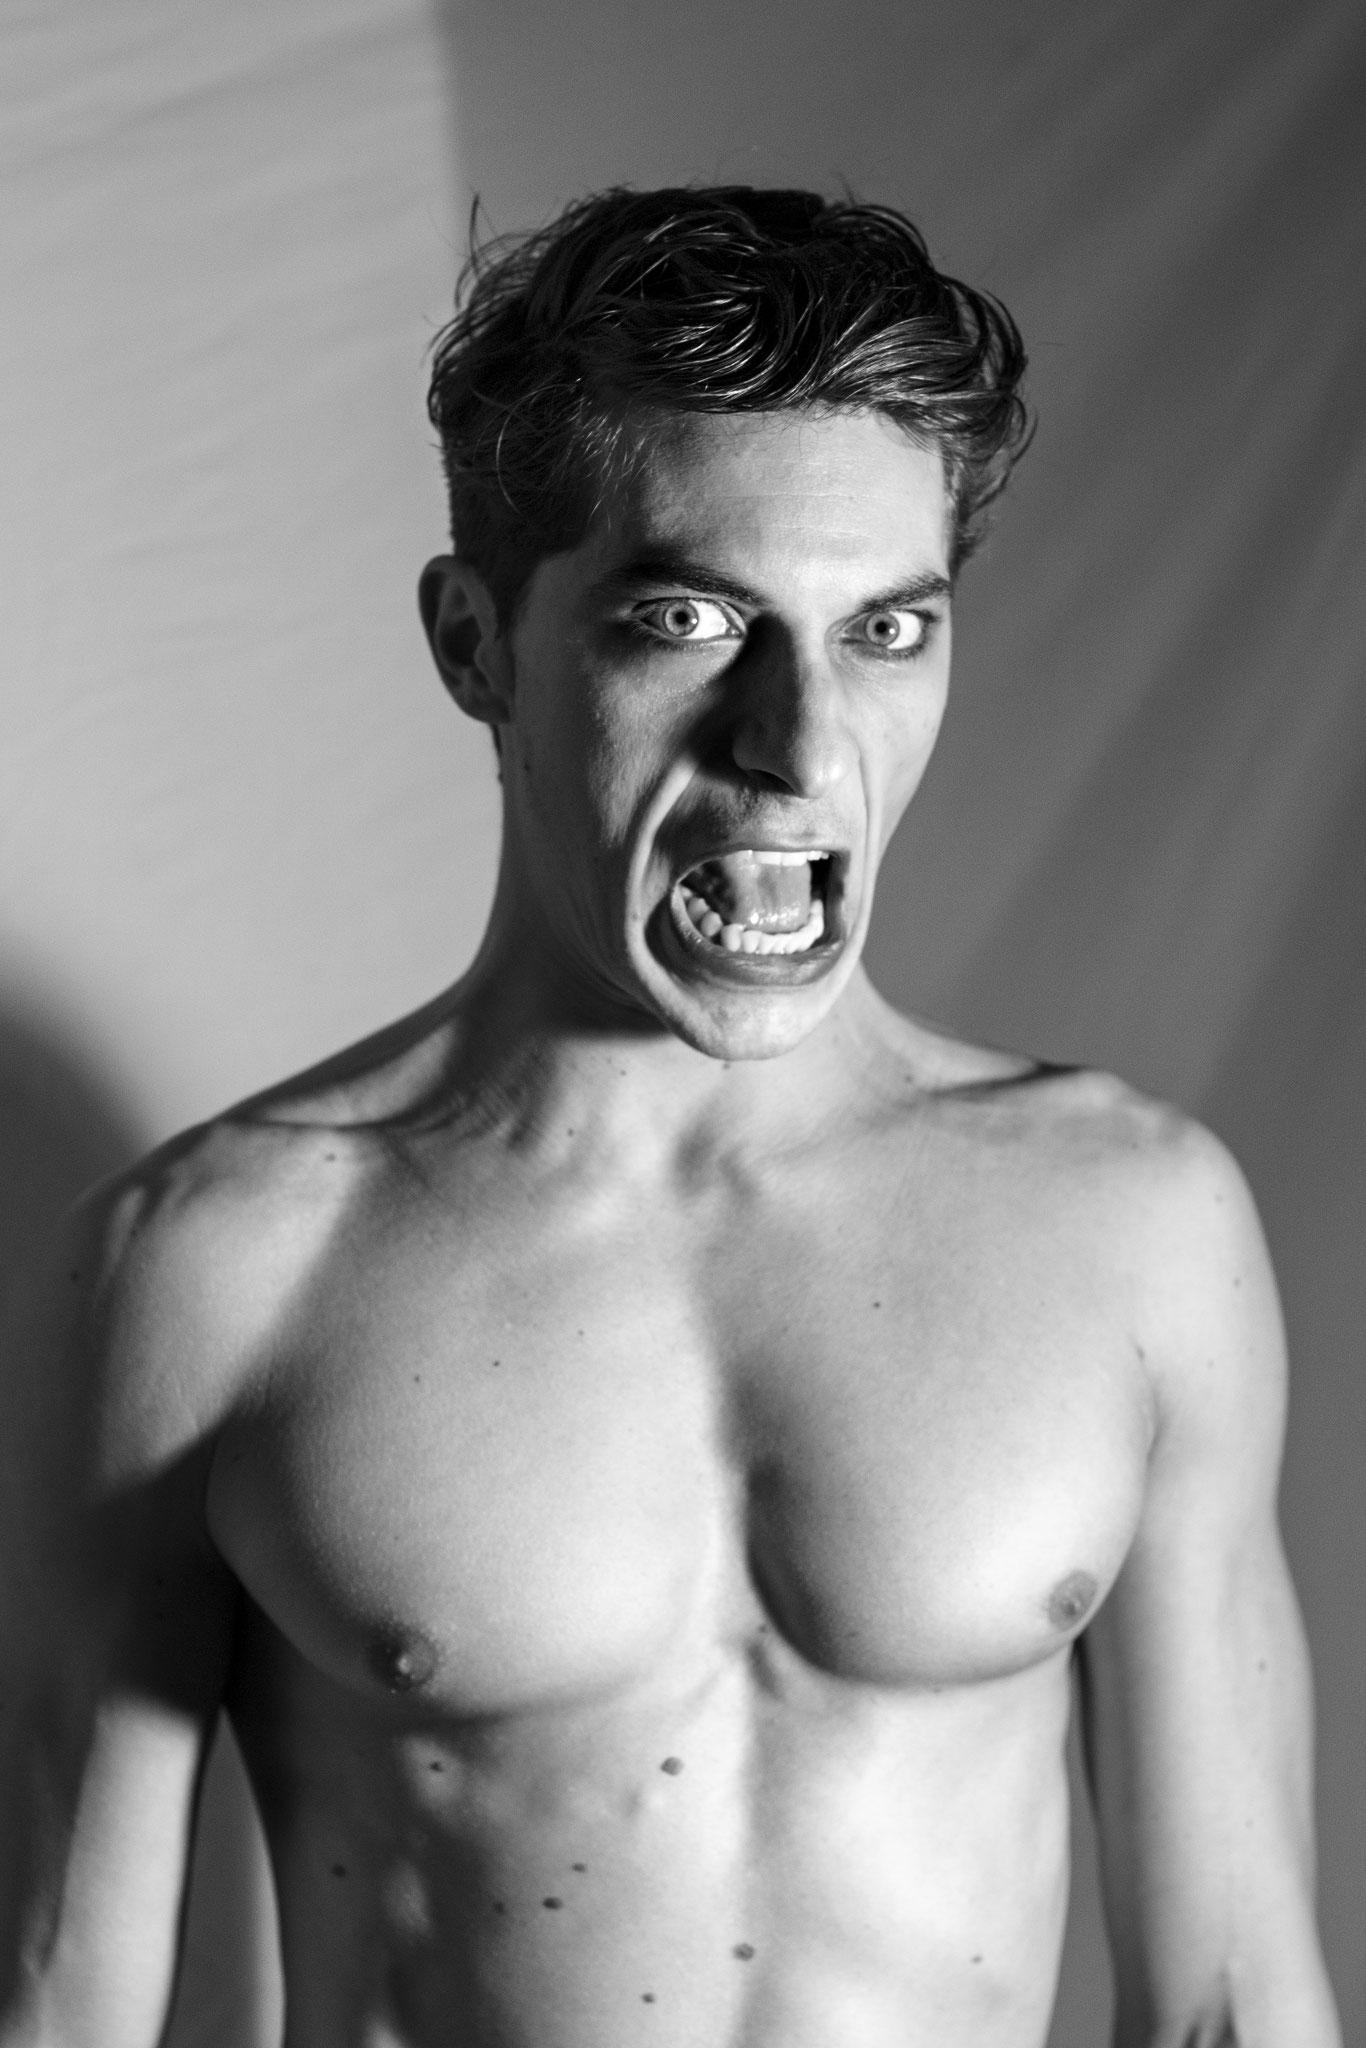 Marco - il volto della pazzia